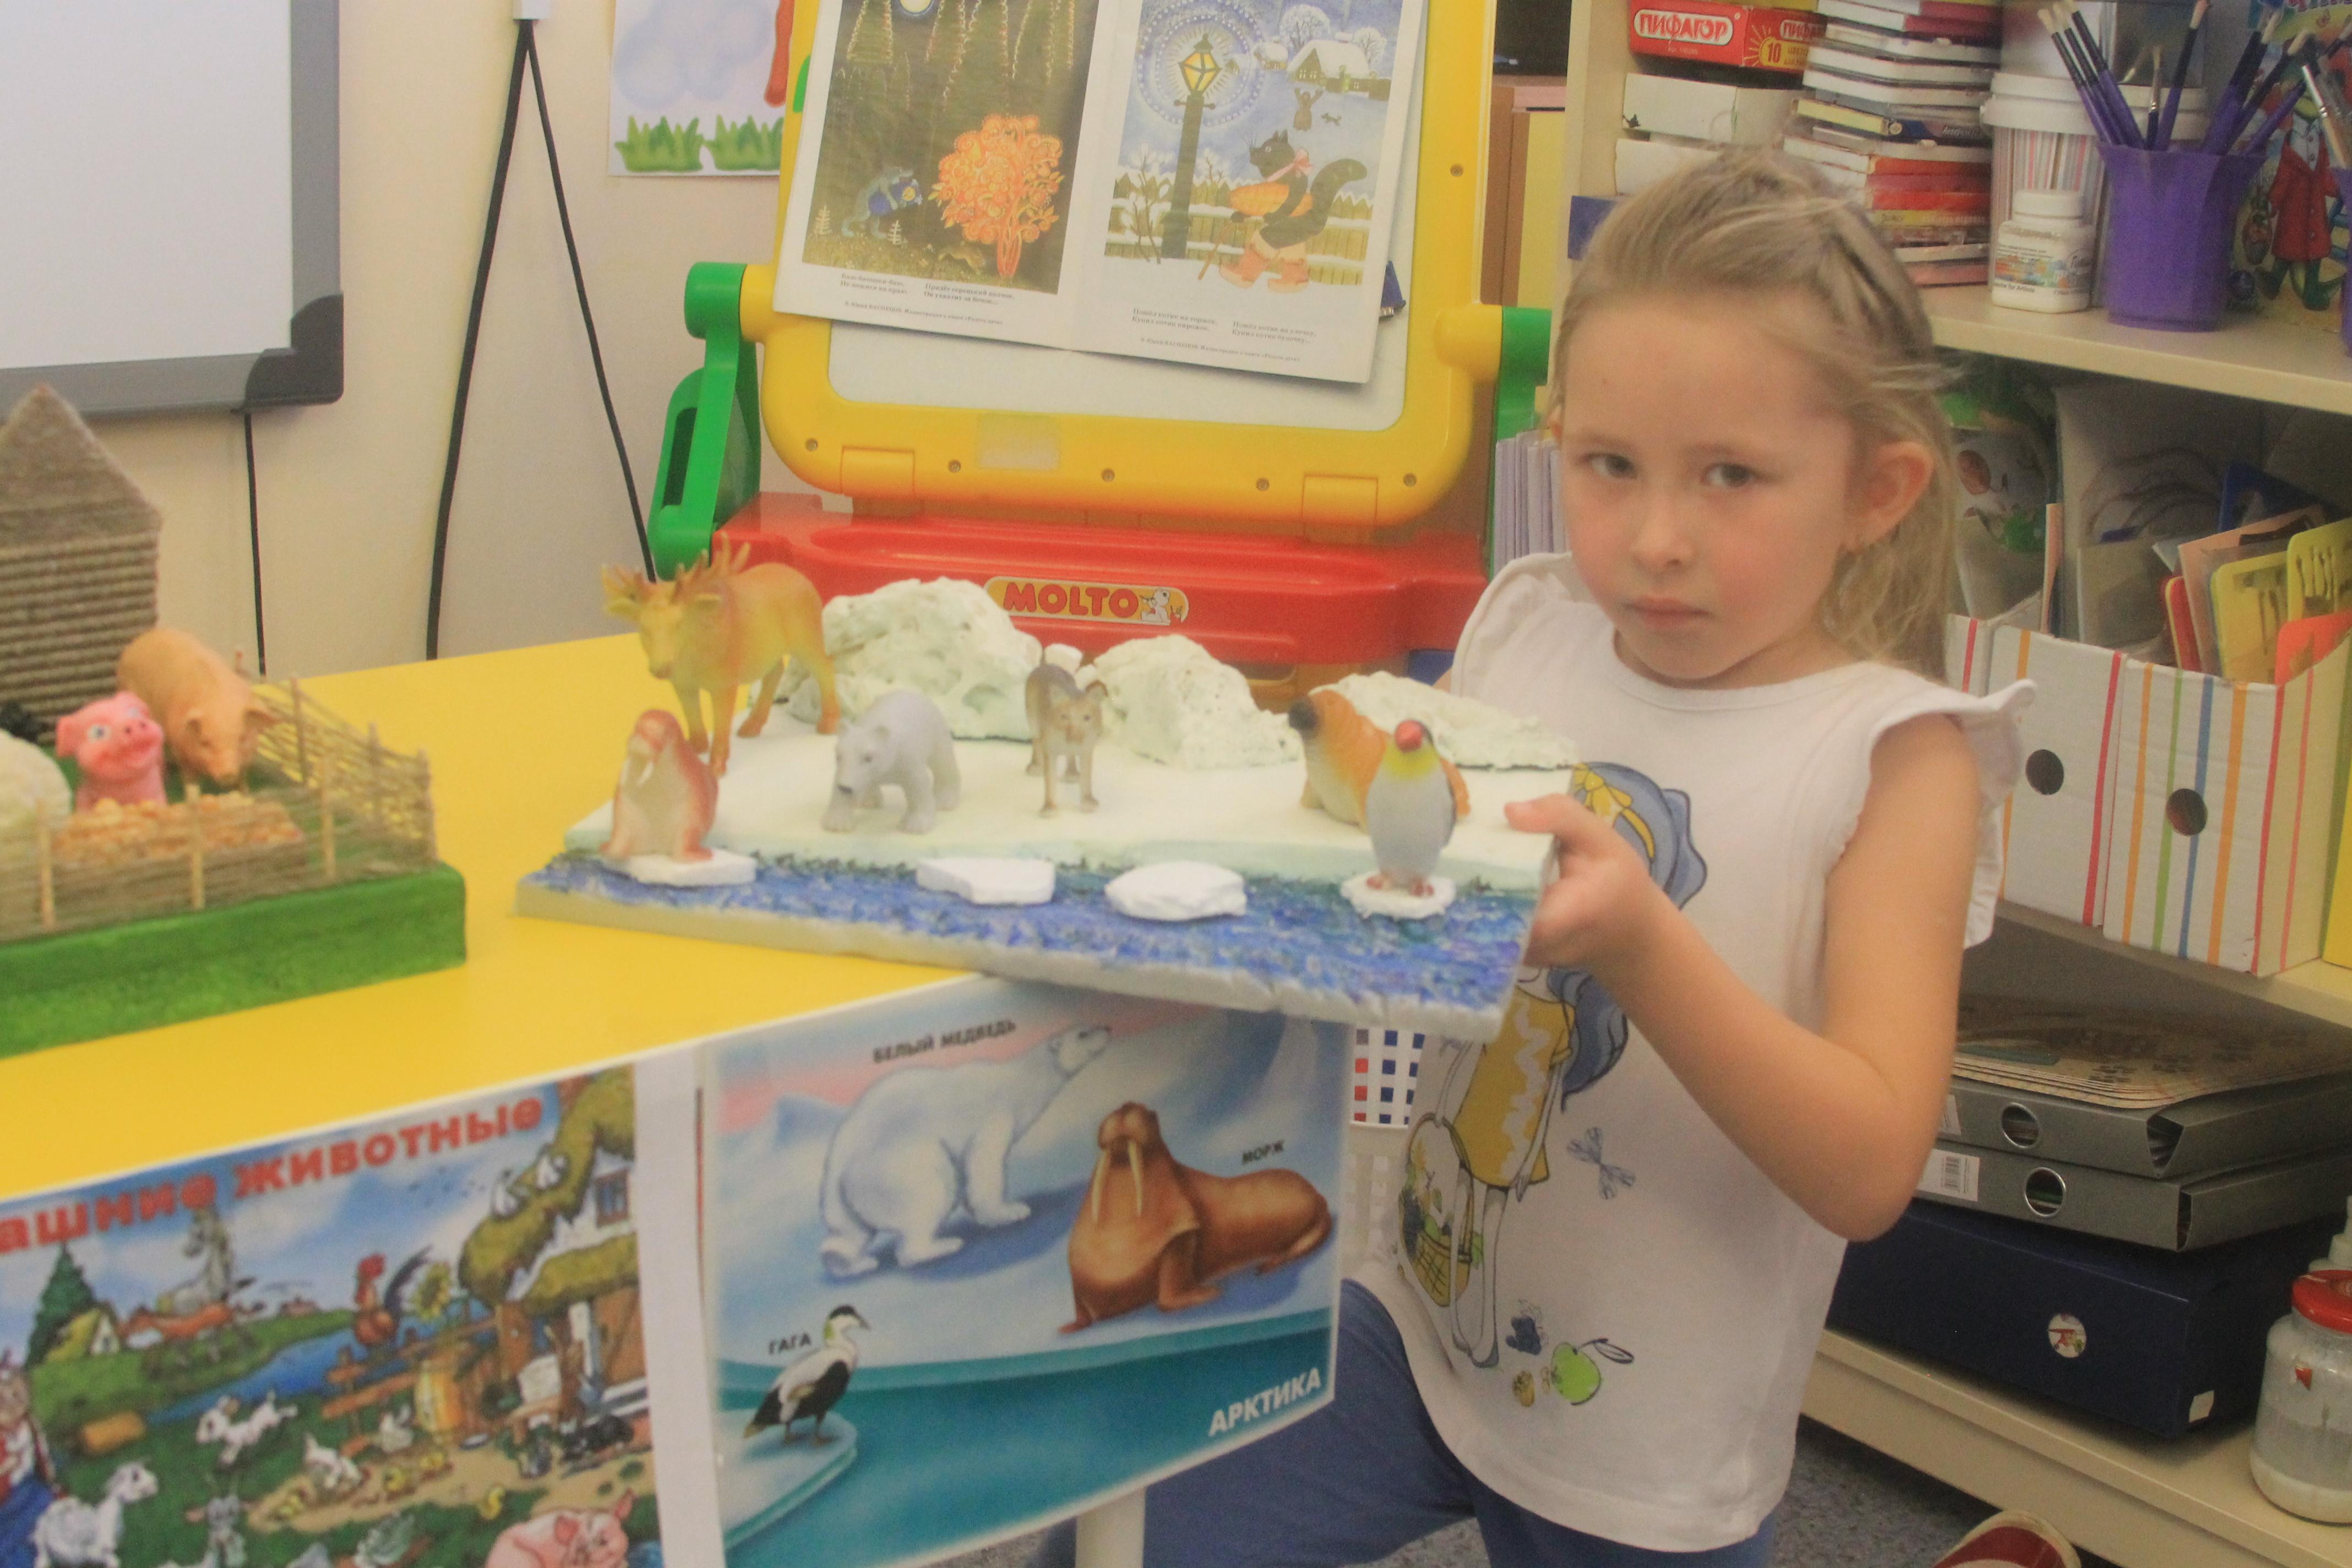 Макеты по экологии в детском саду своими руками 56